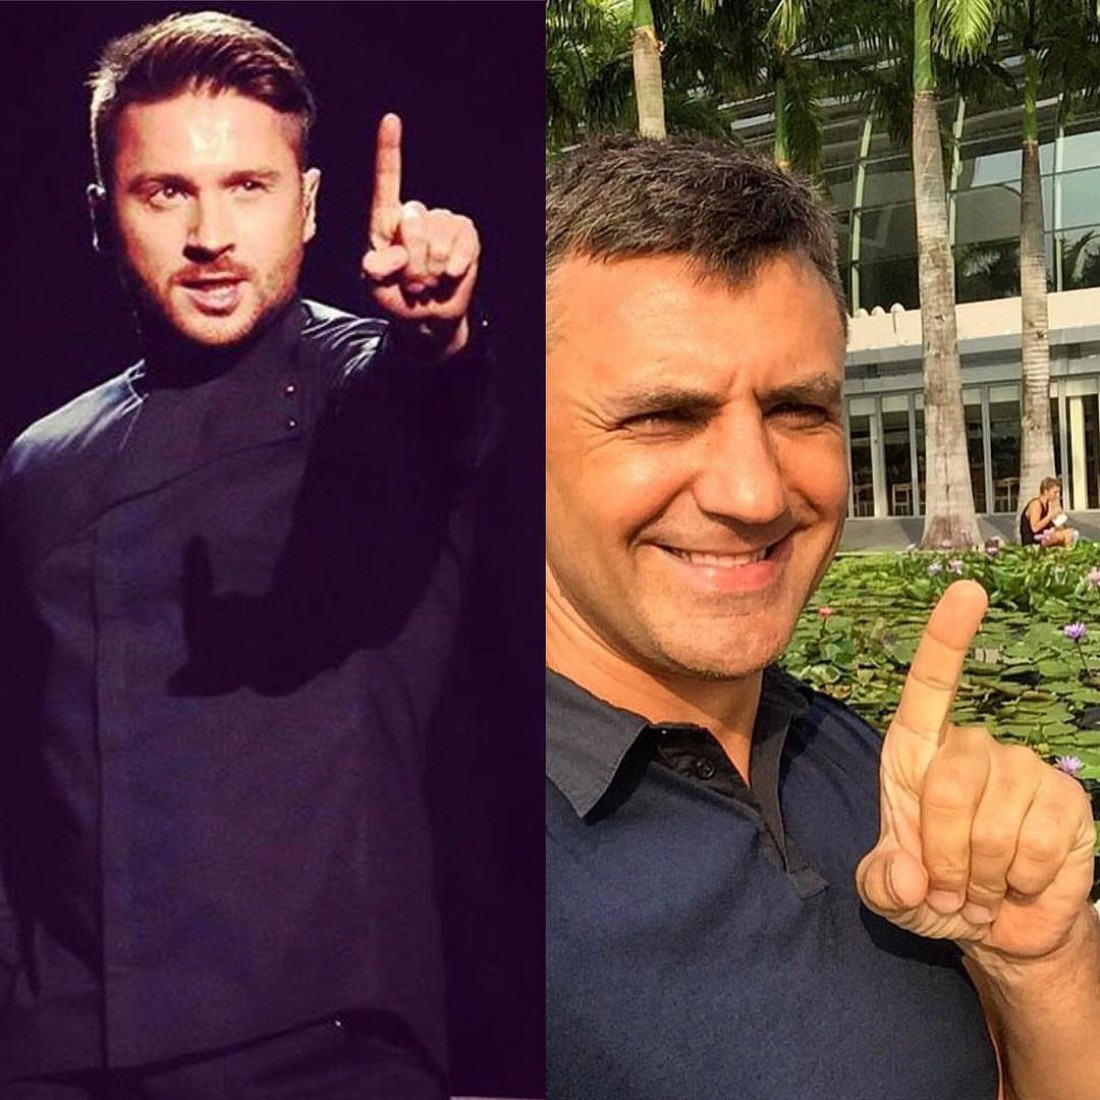 Сергей Лазарев (фрагмент с выступления певца на первом полуфинале Евровидения 2016) и Николай Тищенко (справа). Фото опубликовала Цыбульская в Сети